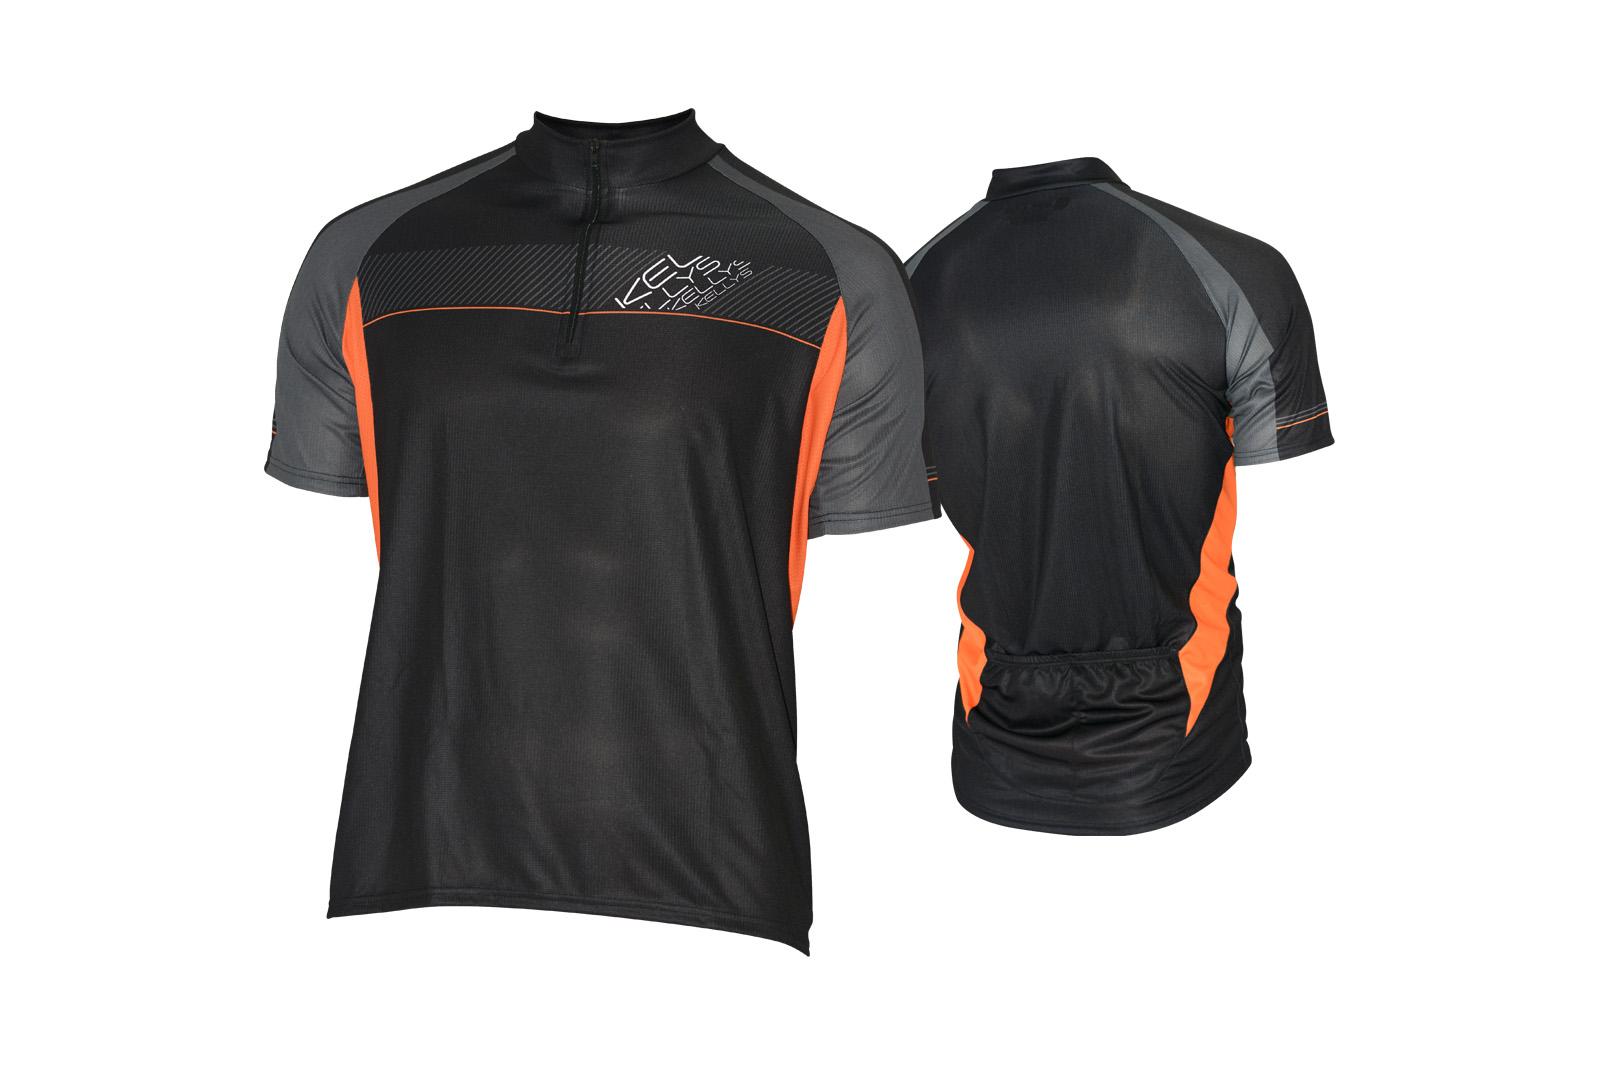 Pánský dres KELLYS PRO Sport, vel. XXL, černo-oranžová, krátký rukáv (Pánský cyklistický dres KELLYS, vel. XXL, krátký rukáv, barva černá/oranžová dle vyobrazení!)